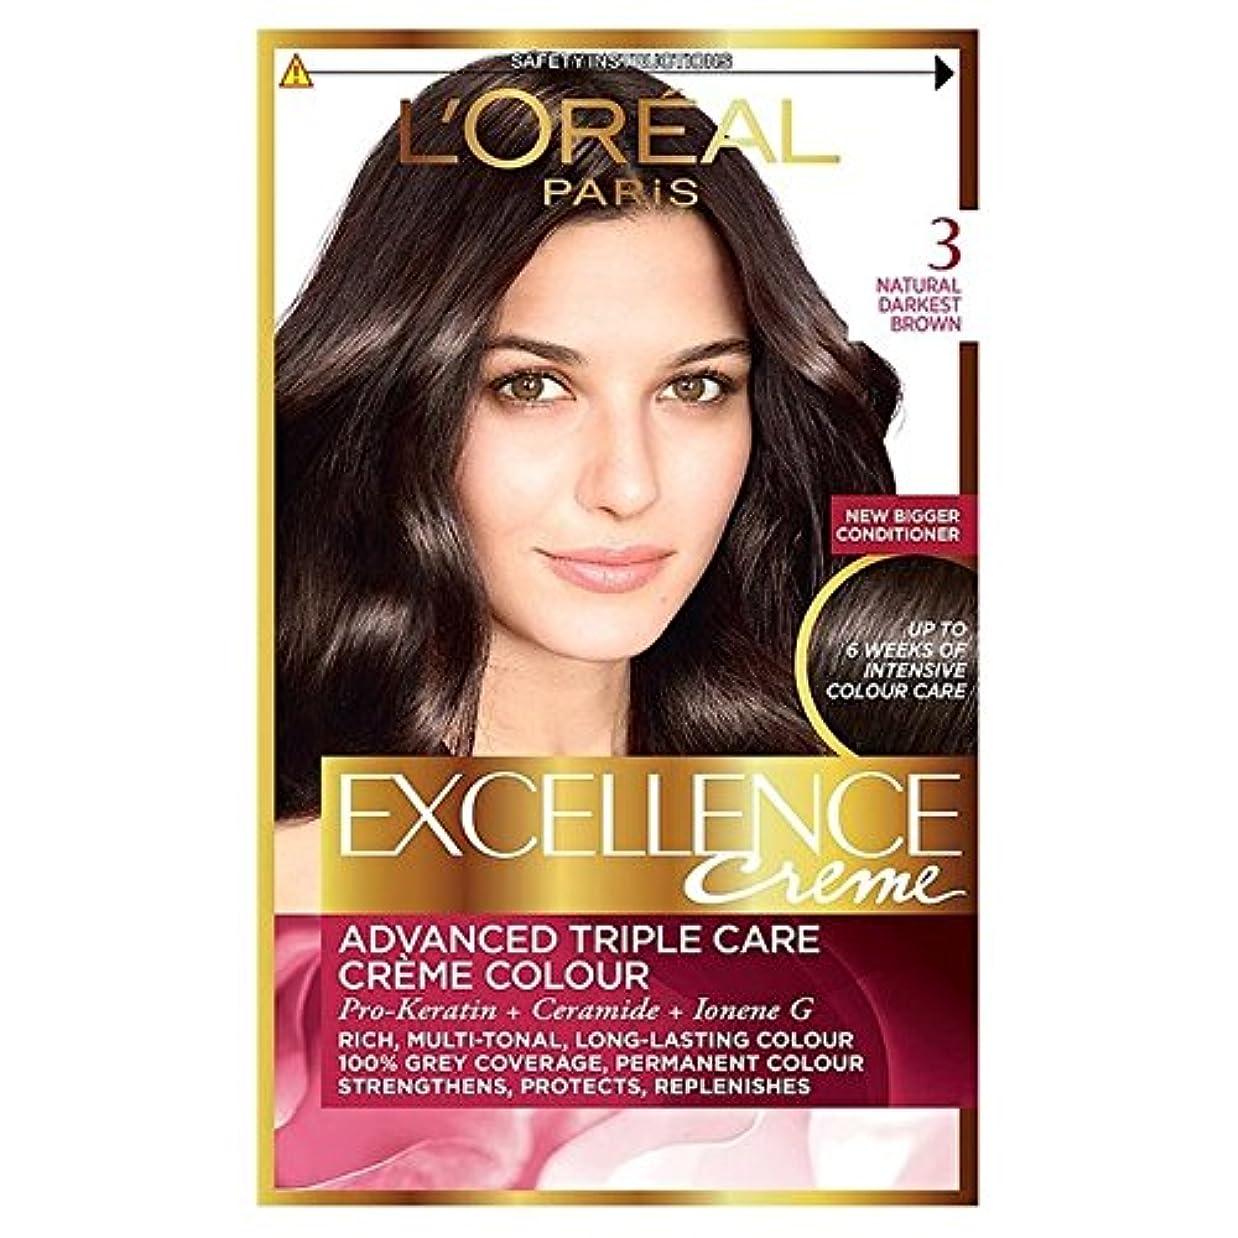 道ご覧くださいストリップロレアルの卓越性、自然最も暗い茶色3 x4 - L'Oreal Excellence Natural Darkest Brown 3 (Pack of 4) [並行輸入品]